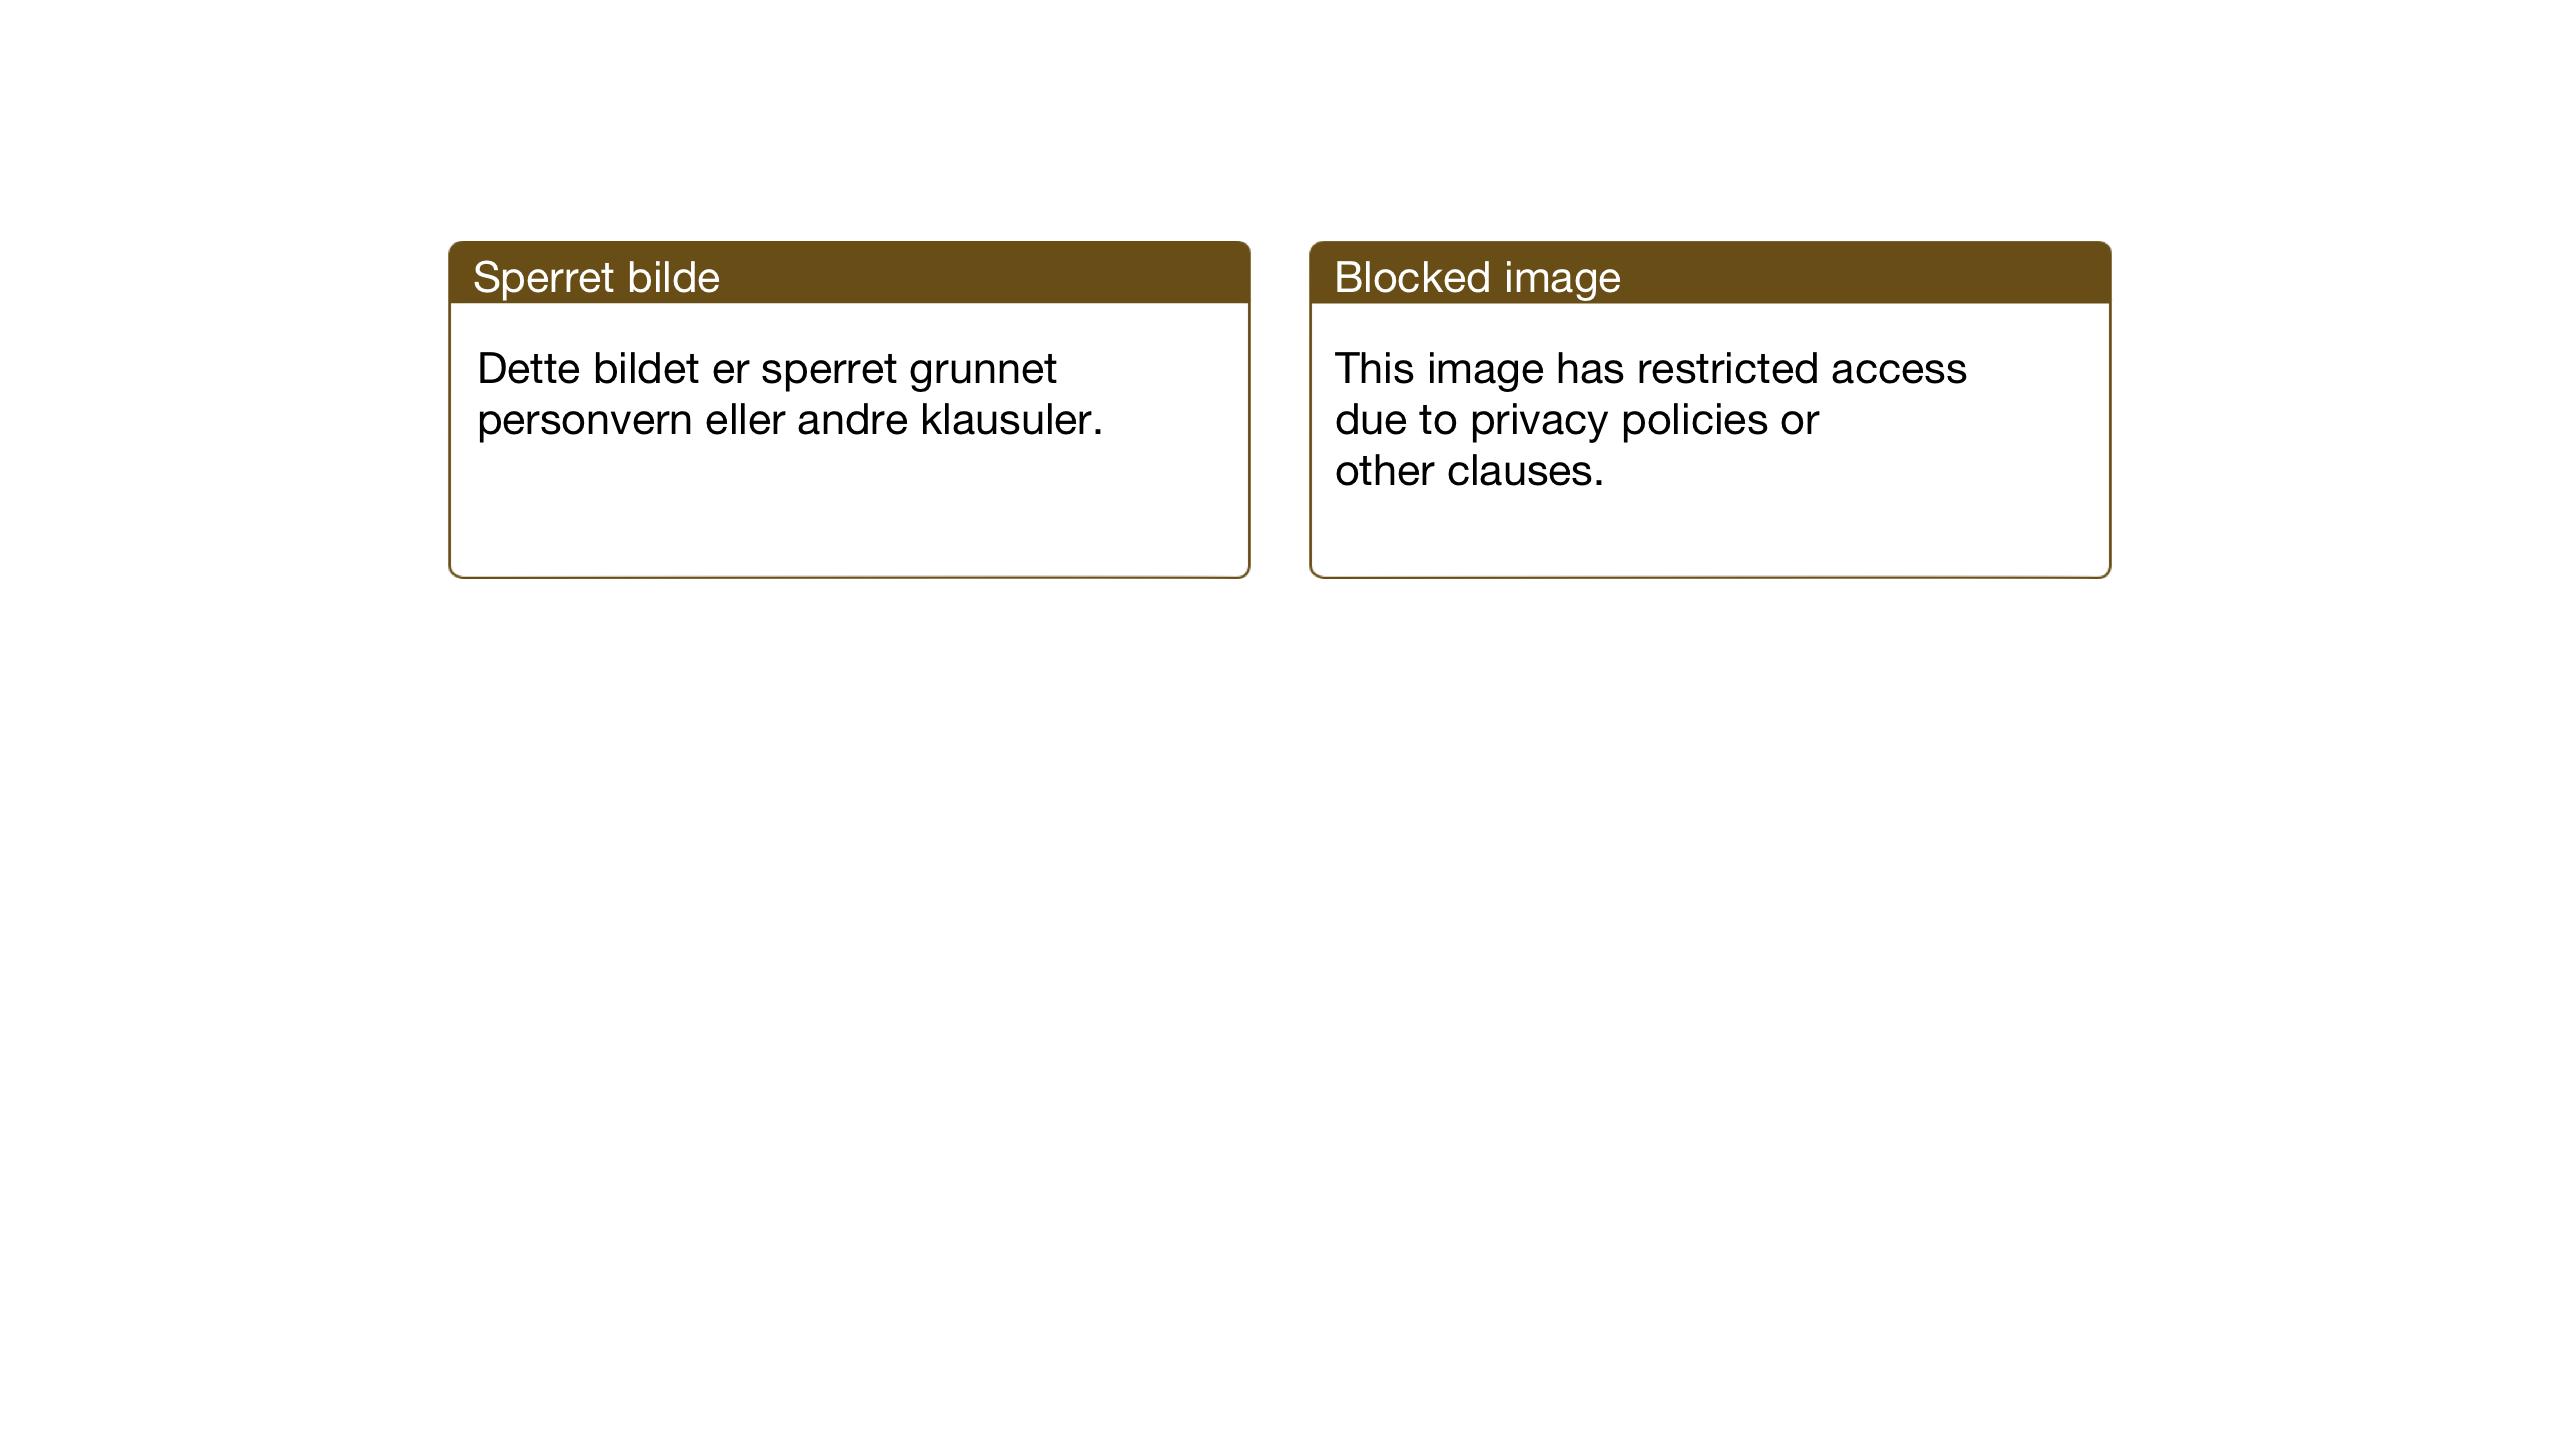 SAT, Ministerialprotokoller, klokkerbøker og fødselsregistre - Nord-Trøndelag, 733/L0328: Klokkerbok nr. 733C03, 1919-1966, s. 34